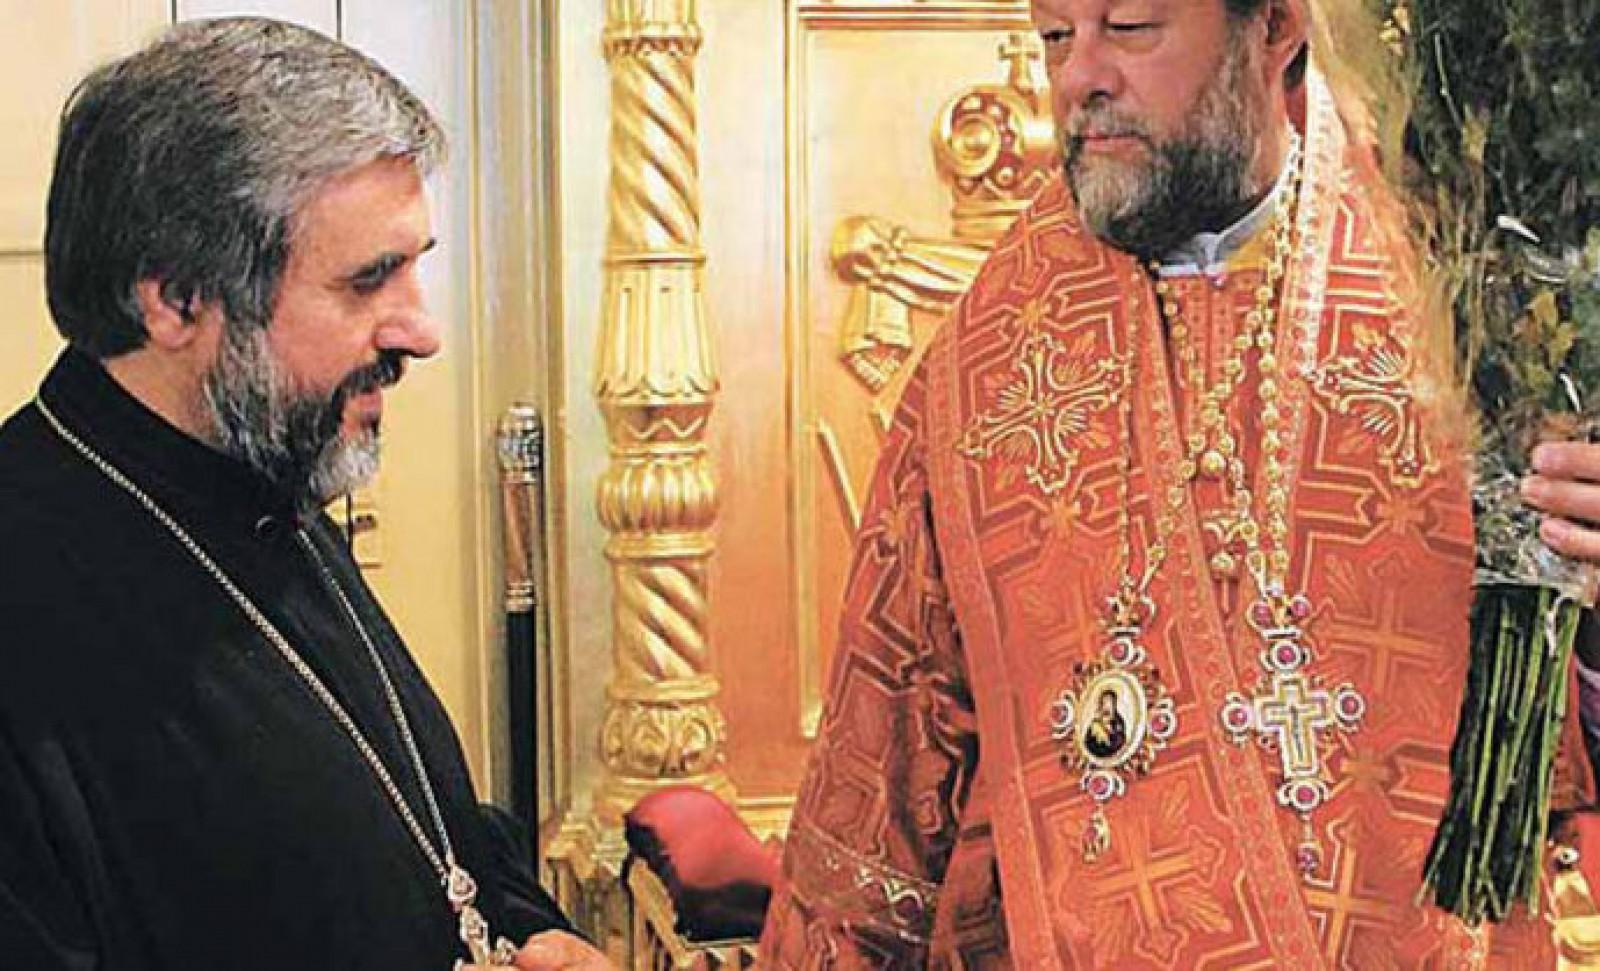 Ziarul de Gardă: Biserica Domnului, banii oamenilor şi SRL-ul preotului